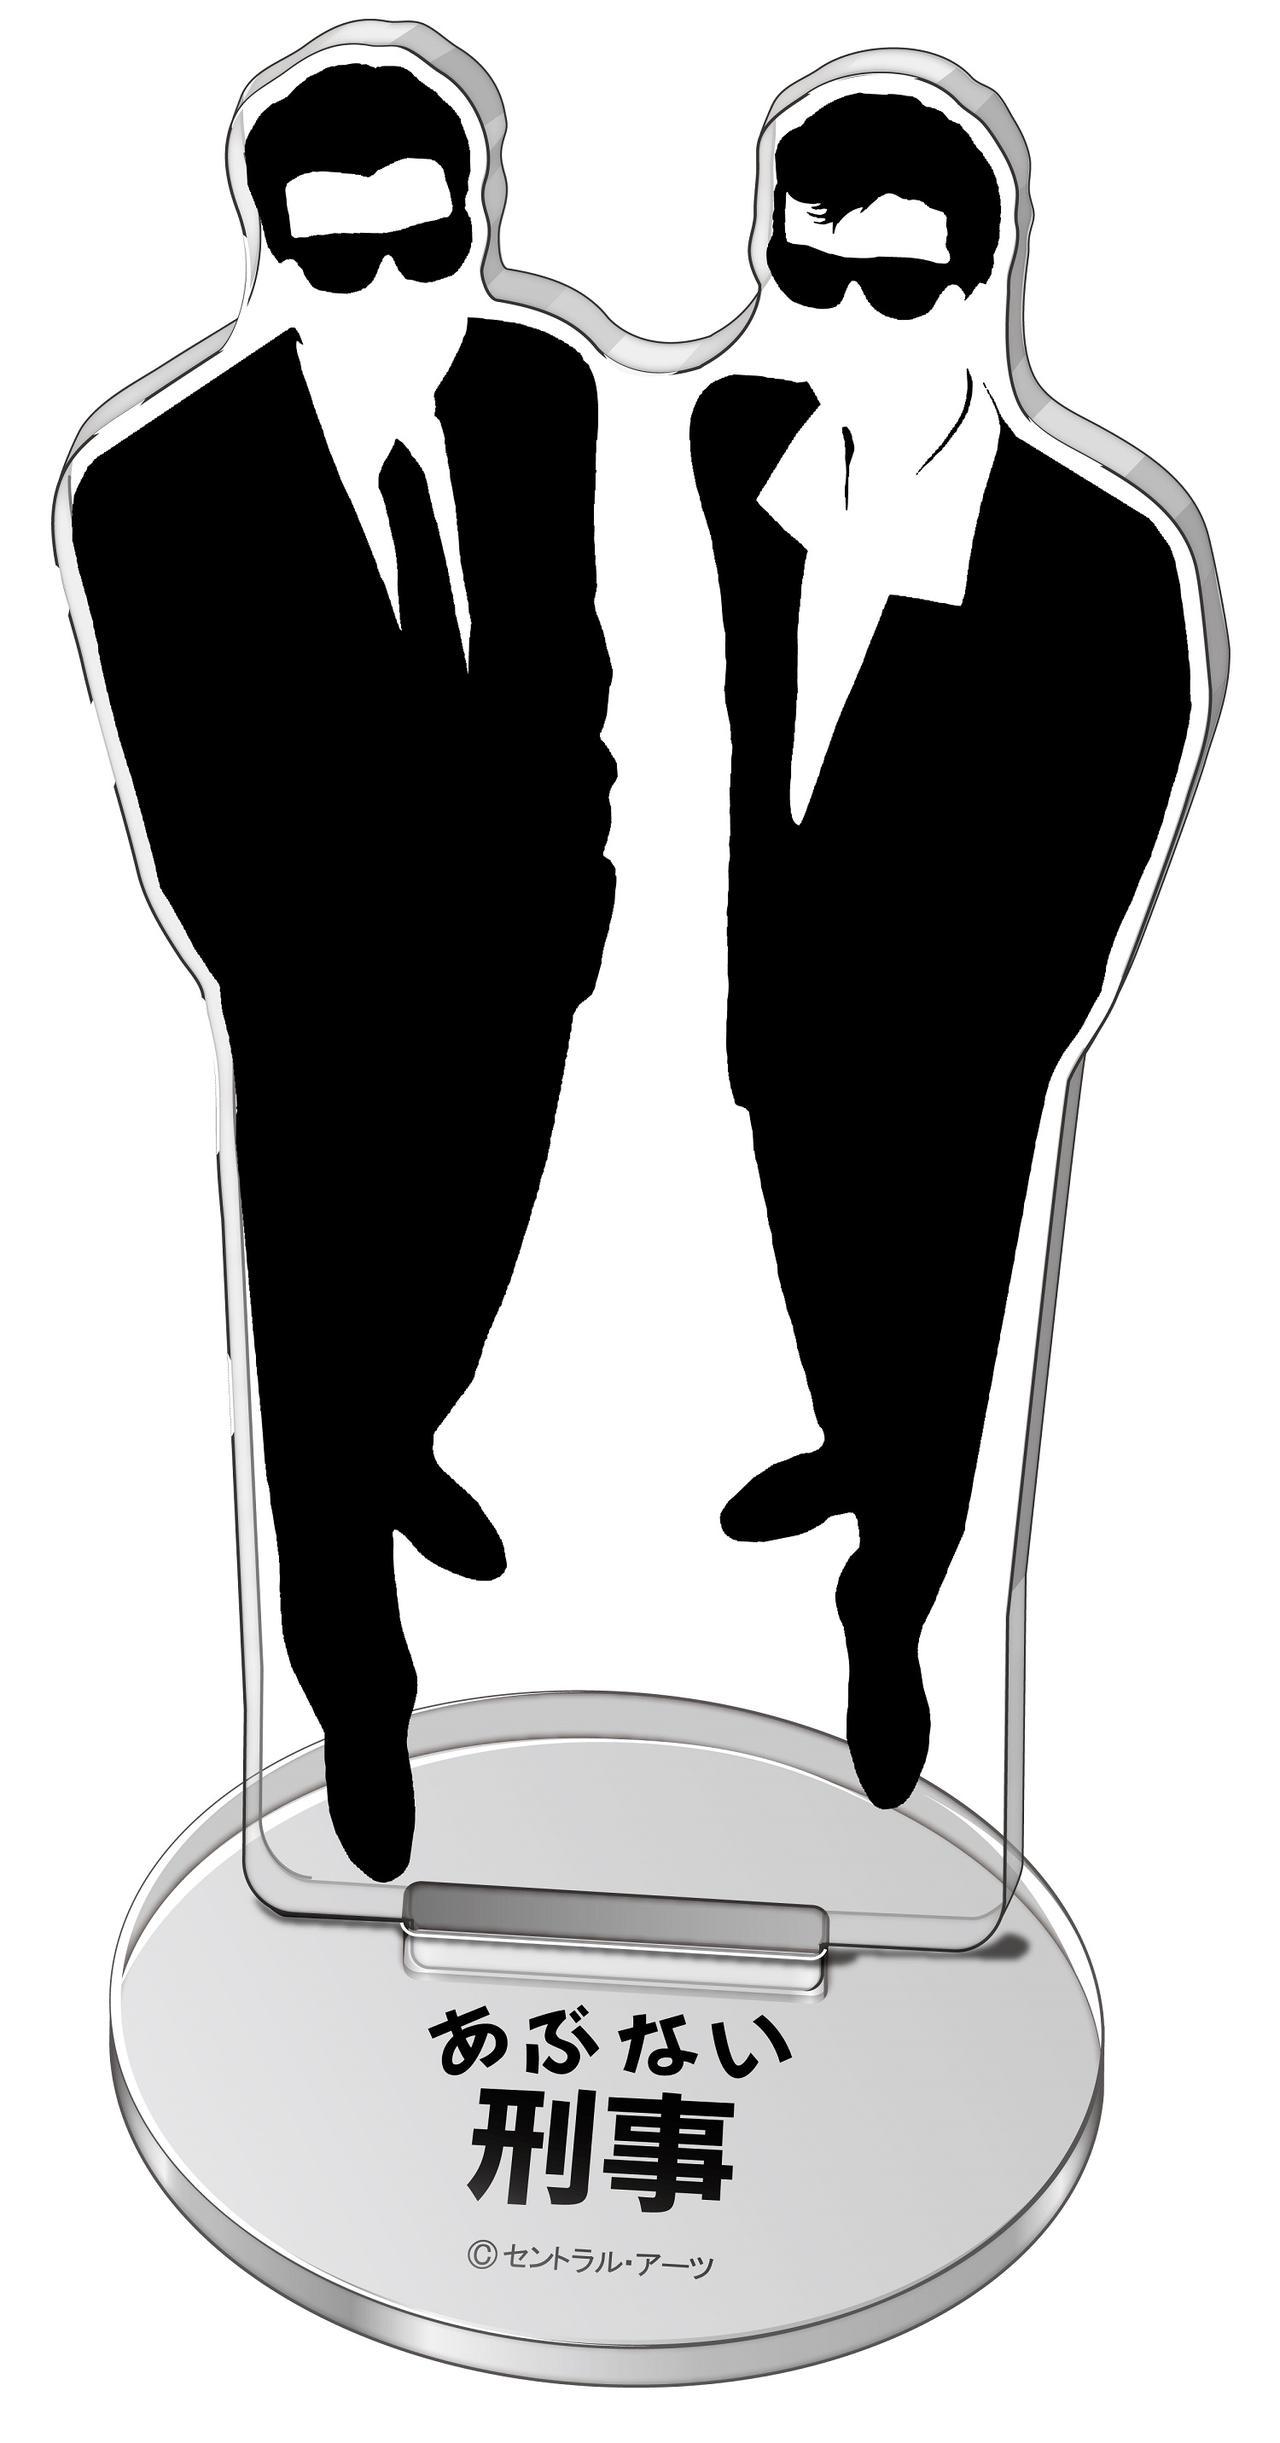 画像2: 「あぶない刑事」フィギュア解説動画が公開!さらに新グッズ2点が本日より発売へ